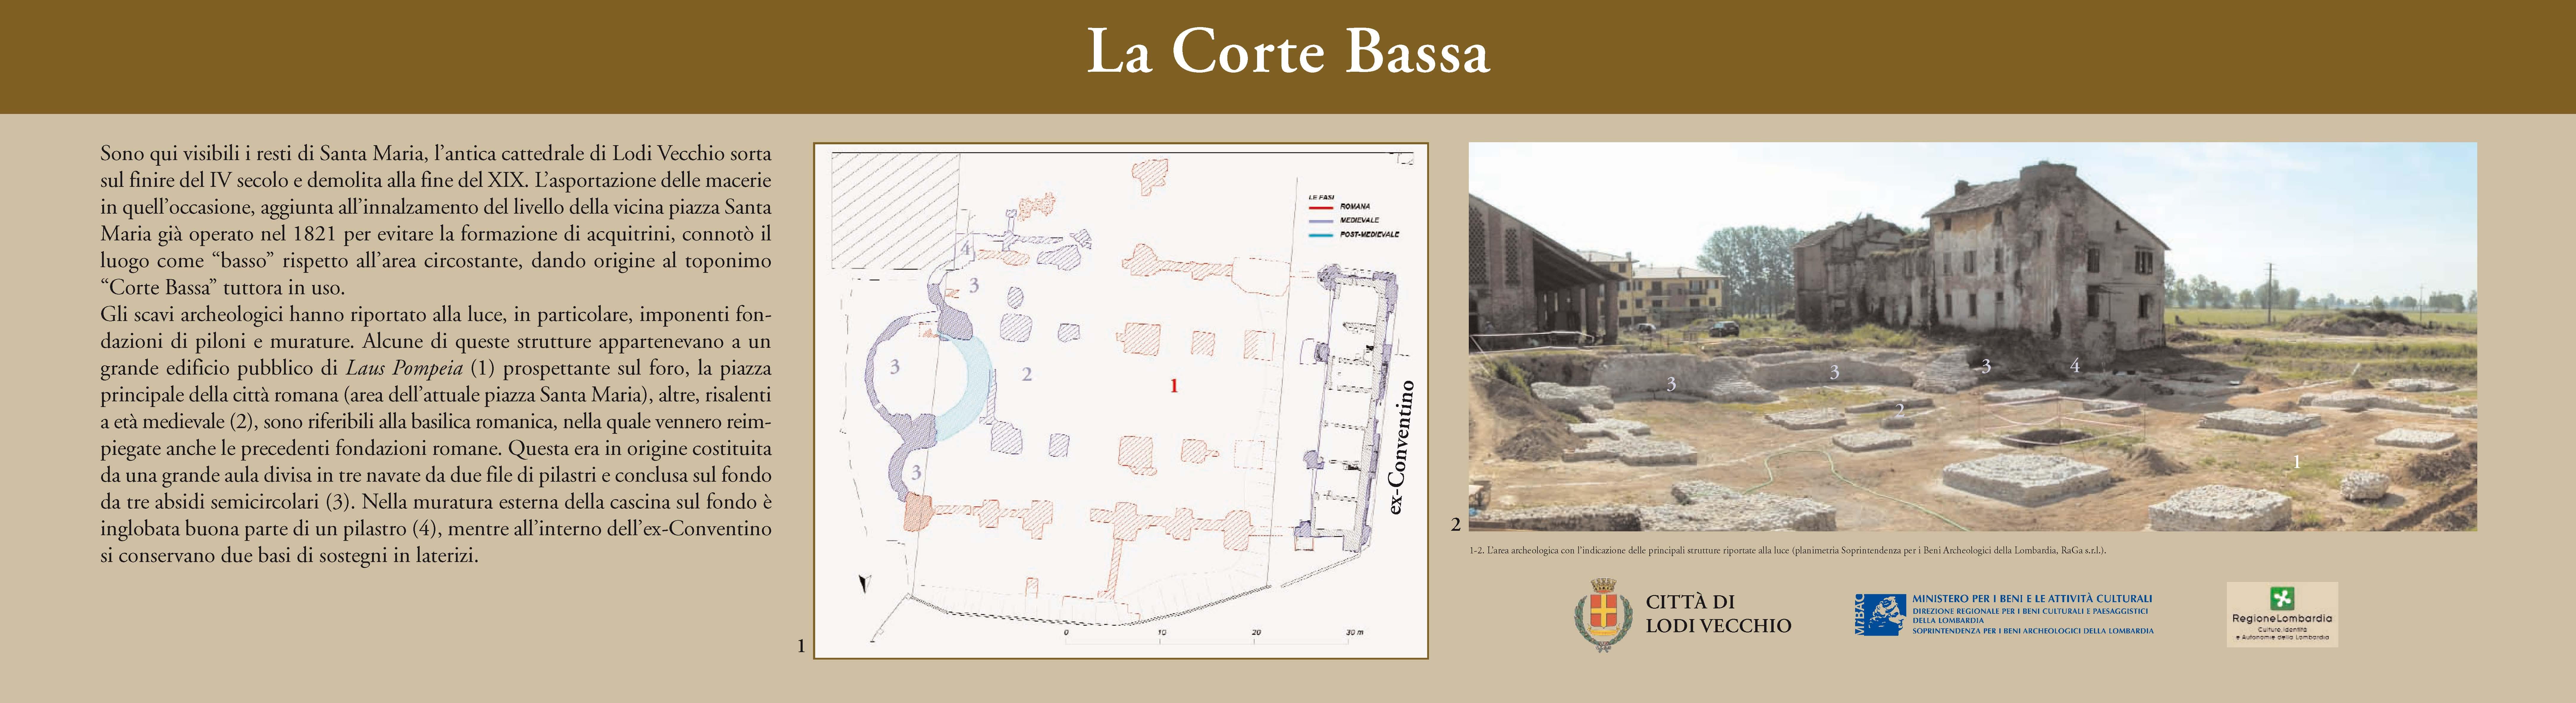 Corte Bassa